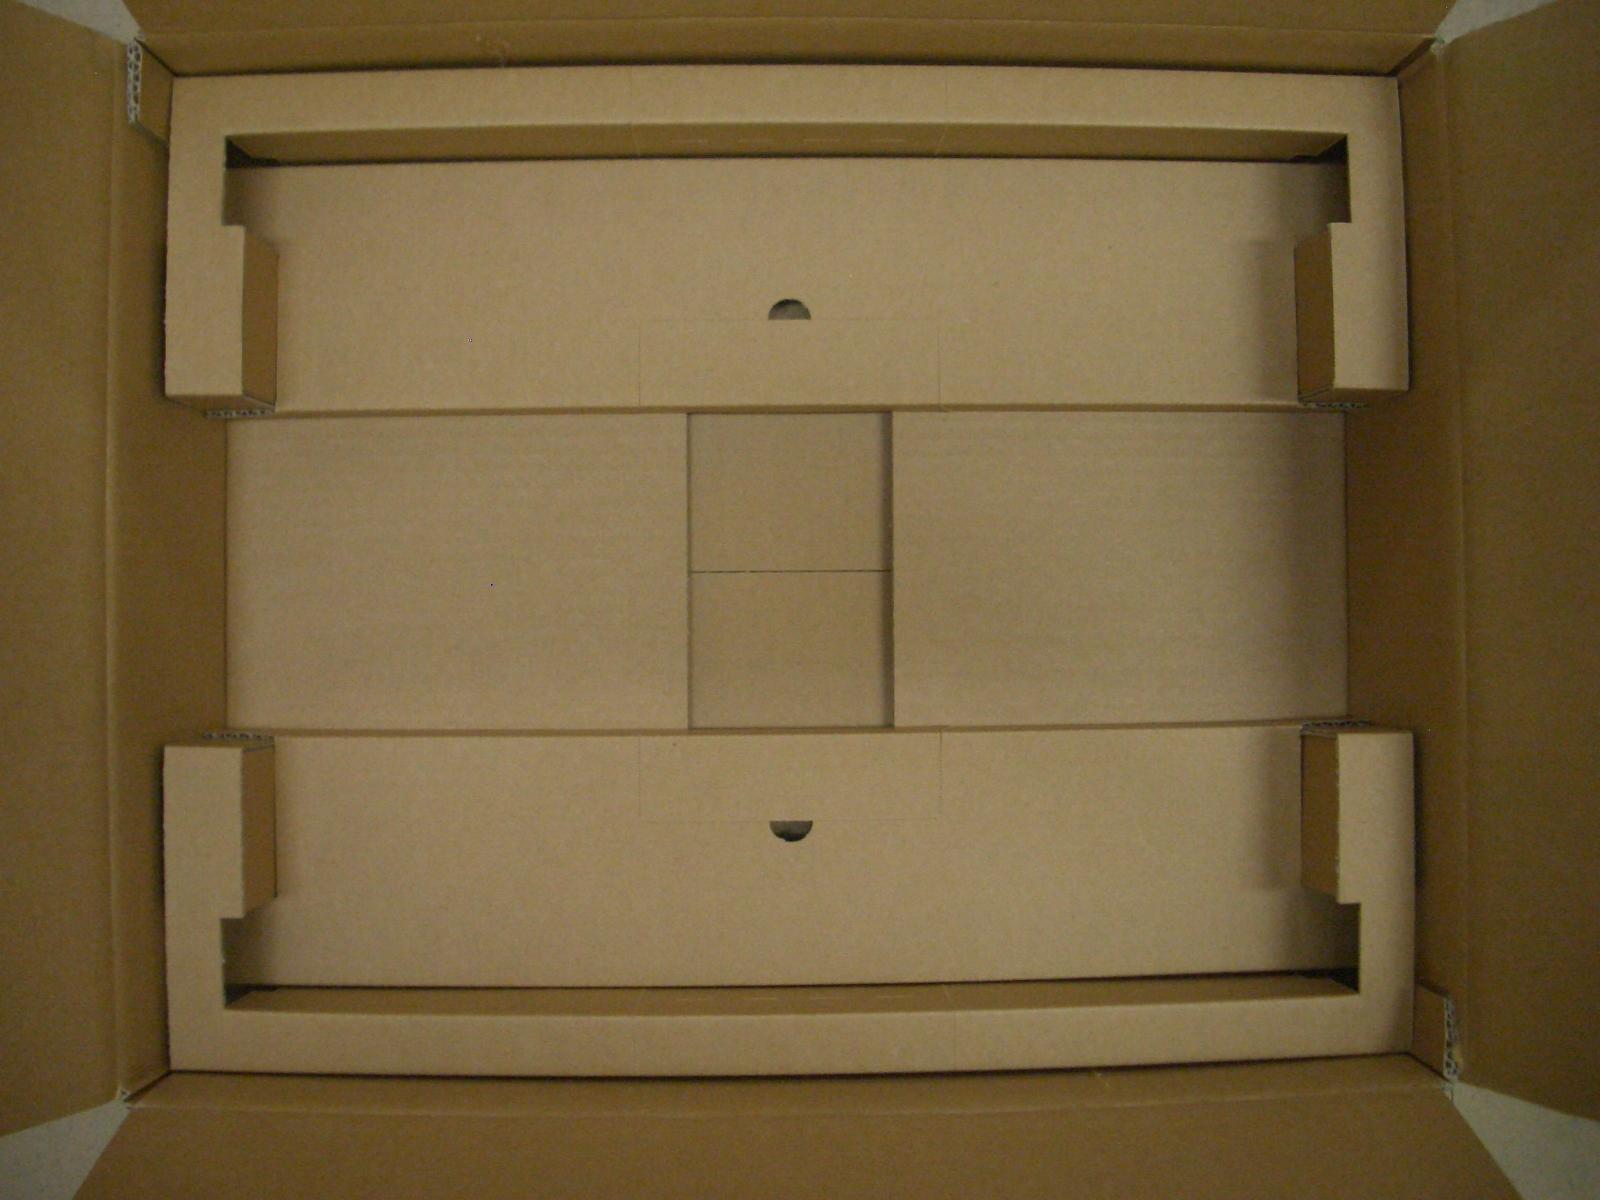 「実装基板の個装箱(兼用)」の画像